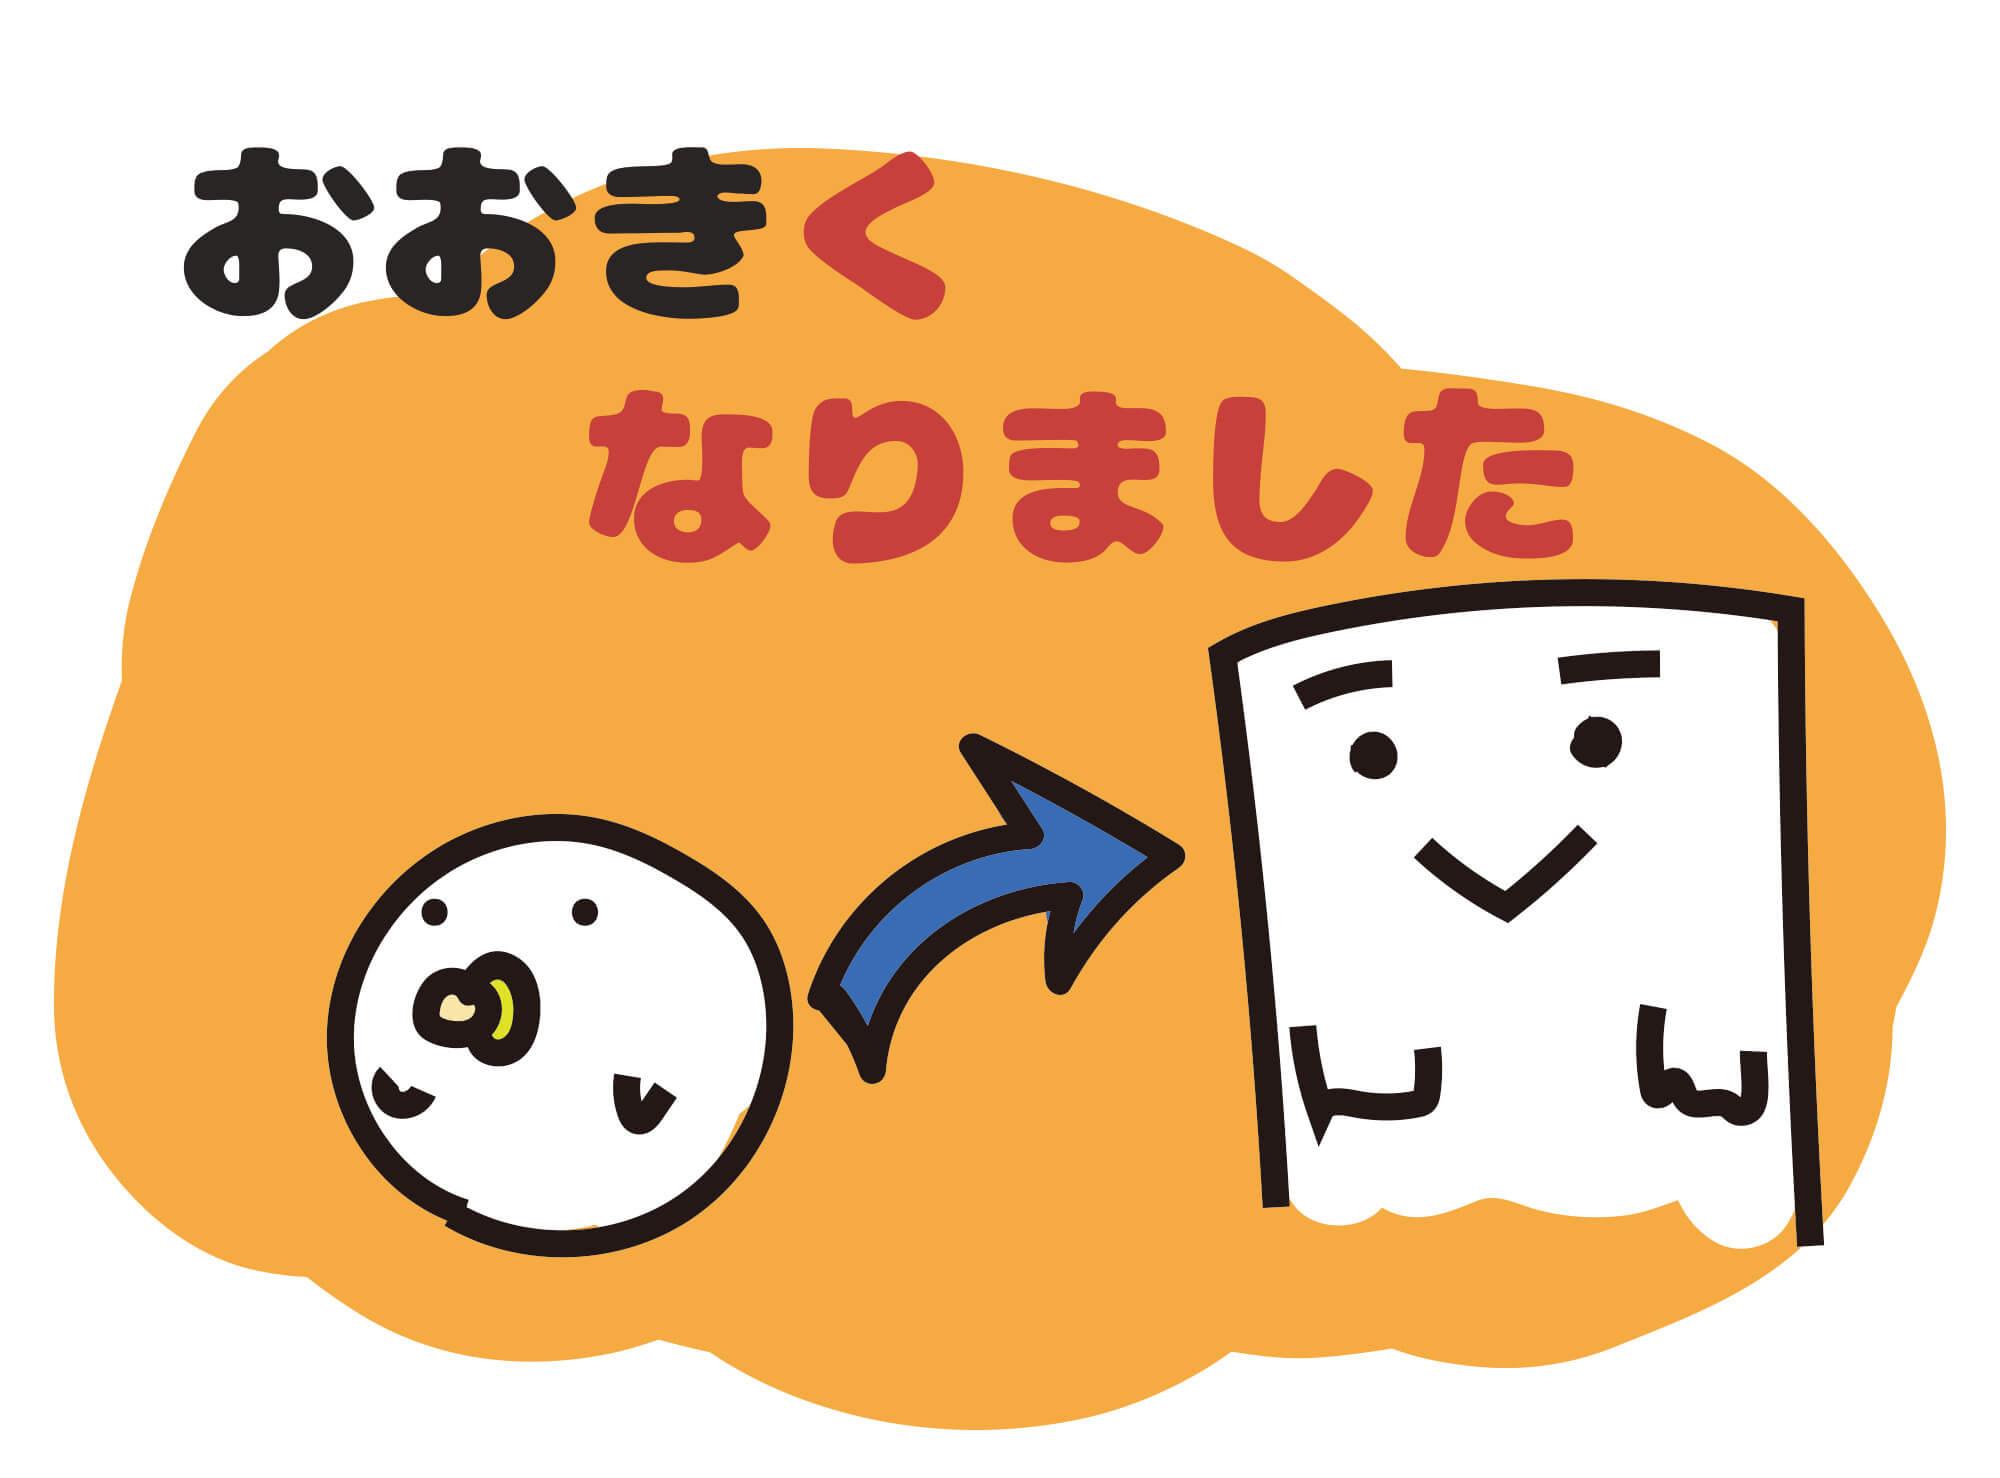 い adjetivo / な adjetivo / nombre + なる